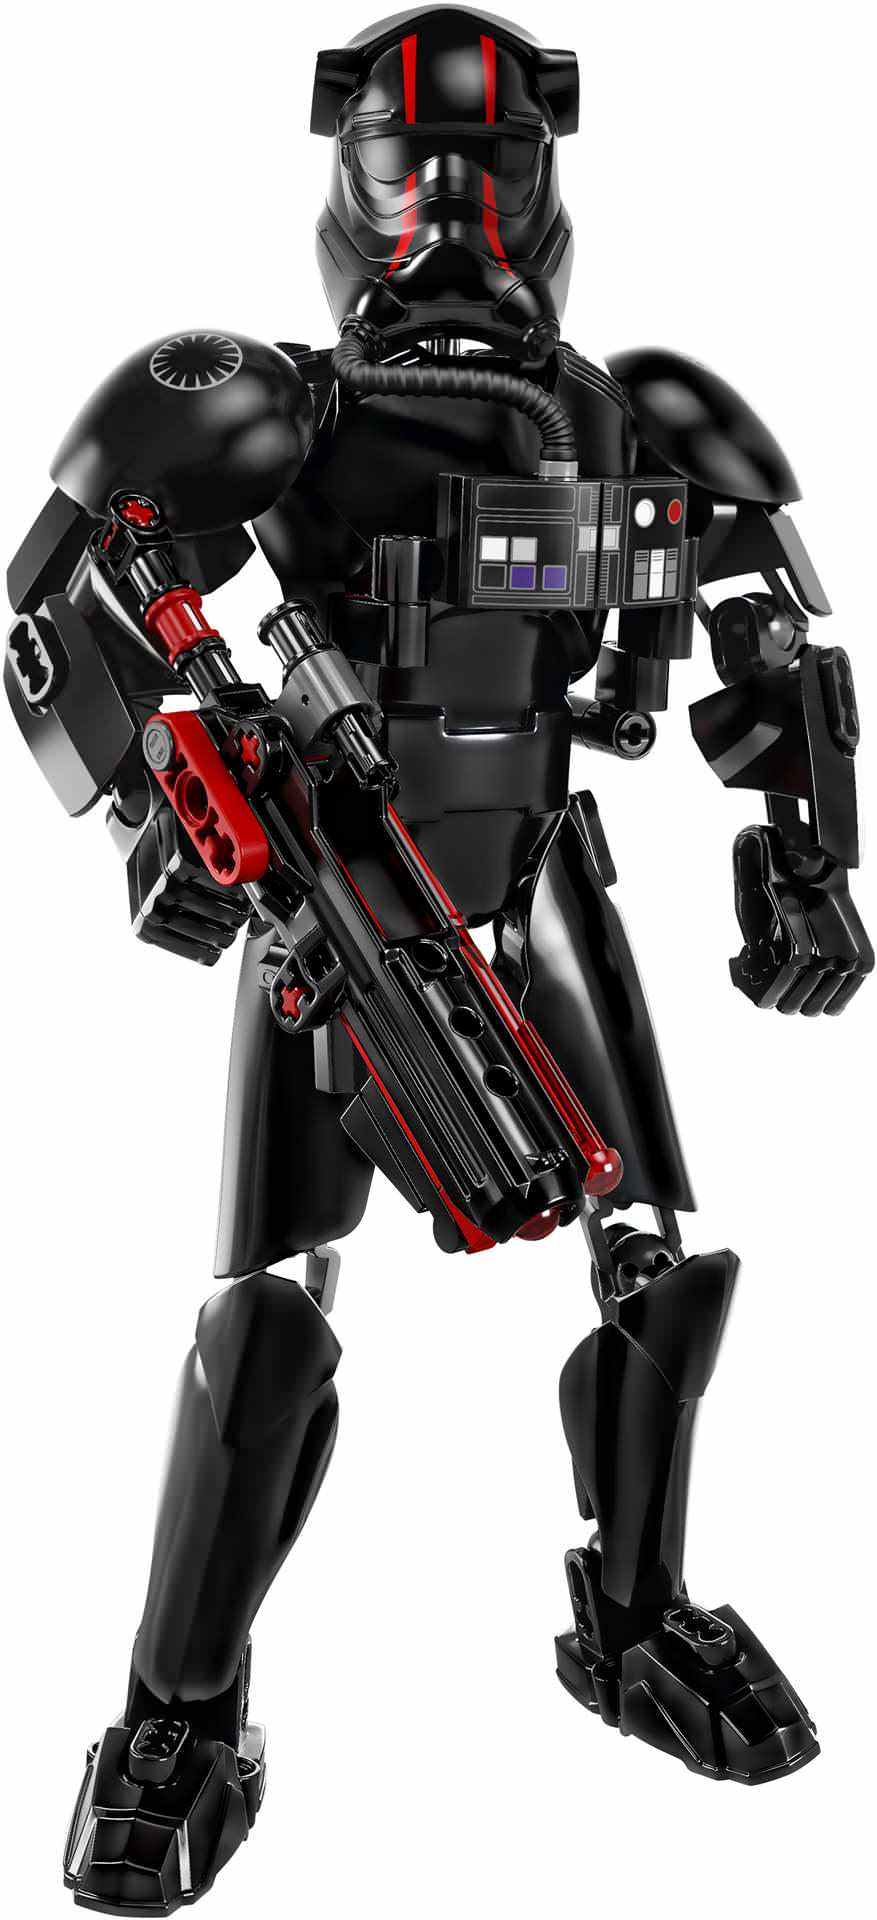 [Produits] Figurines Star Wars de l'automne 2017 : découvrez les images ! O1y34r10